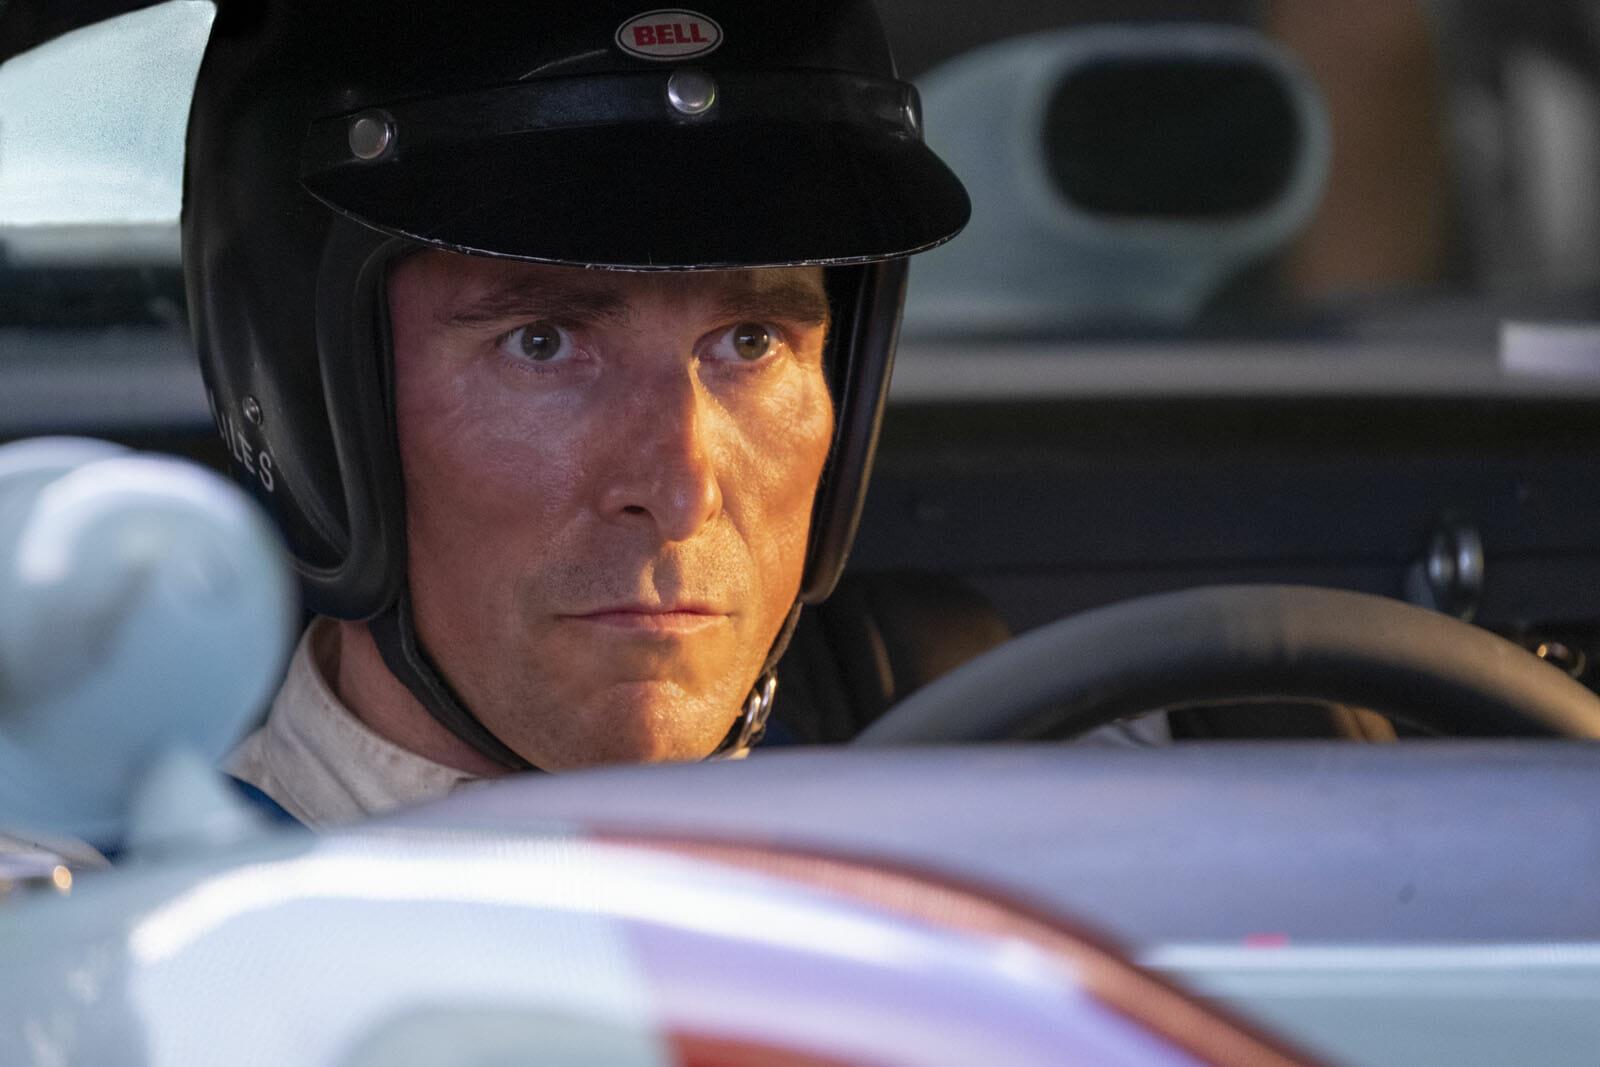 Le-Mans-66-Christian-Bale